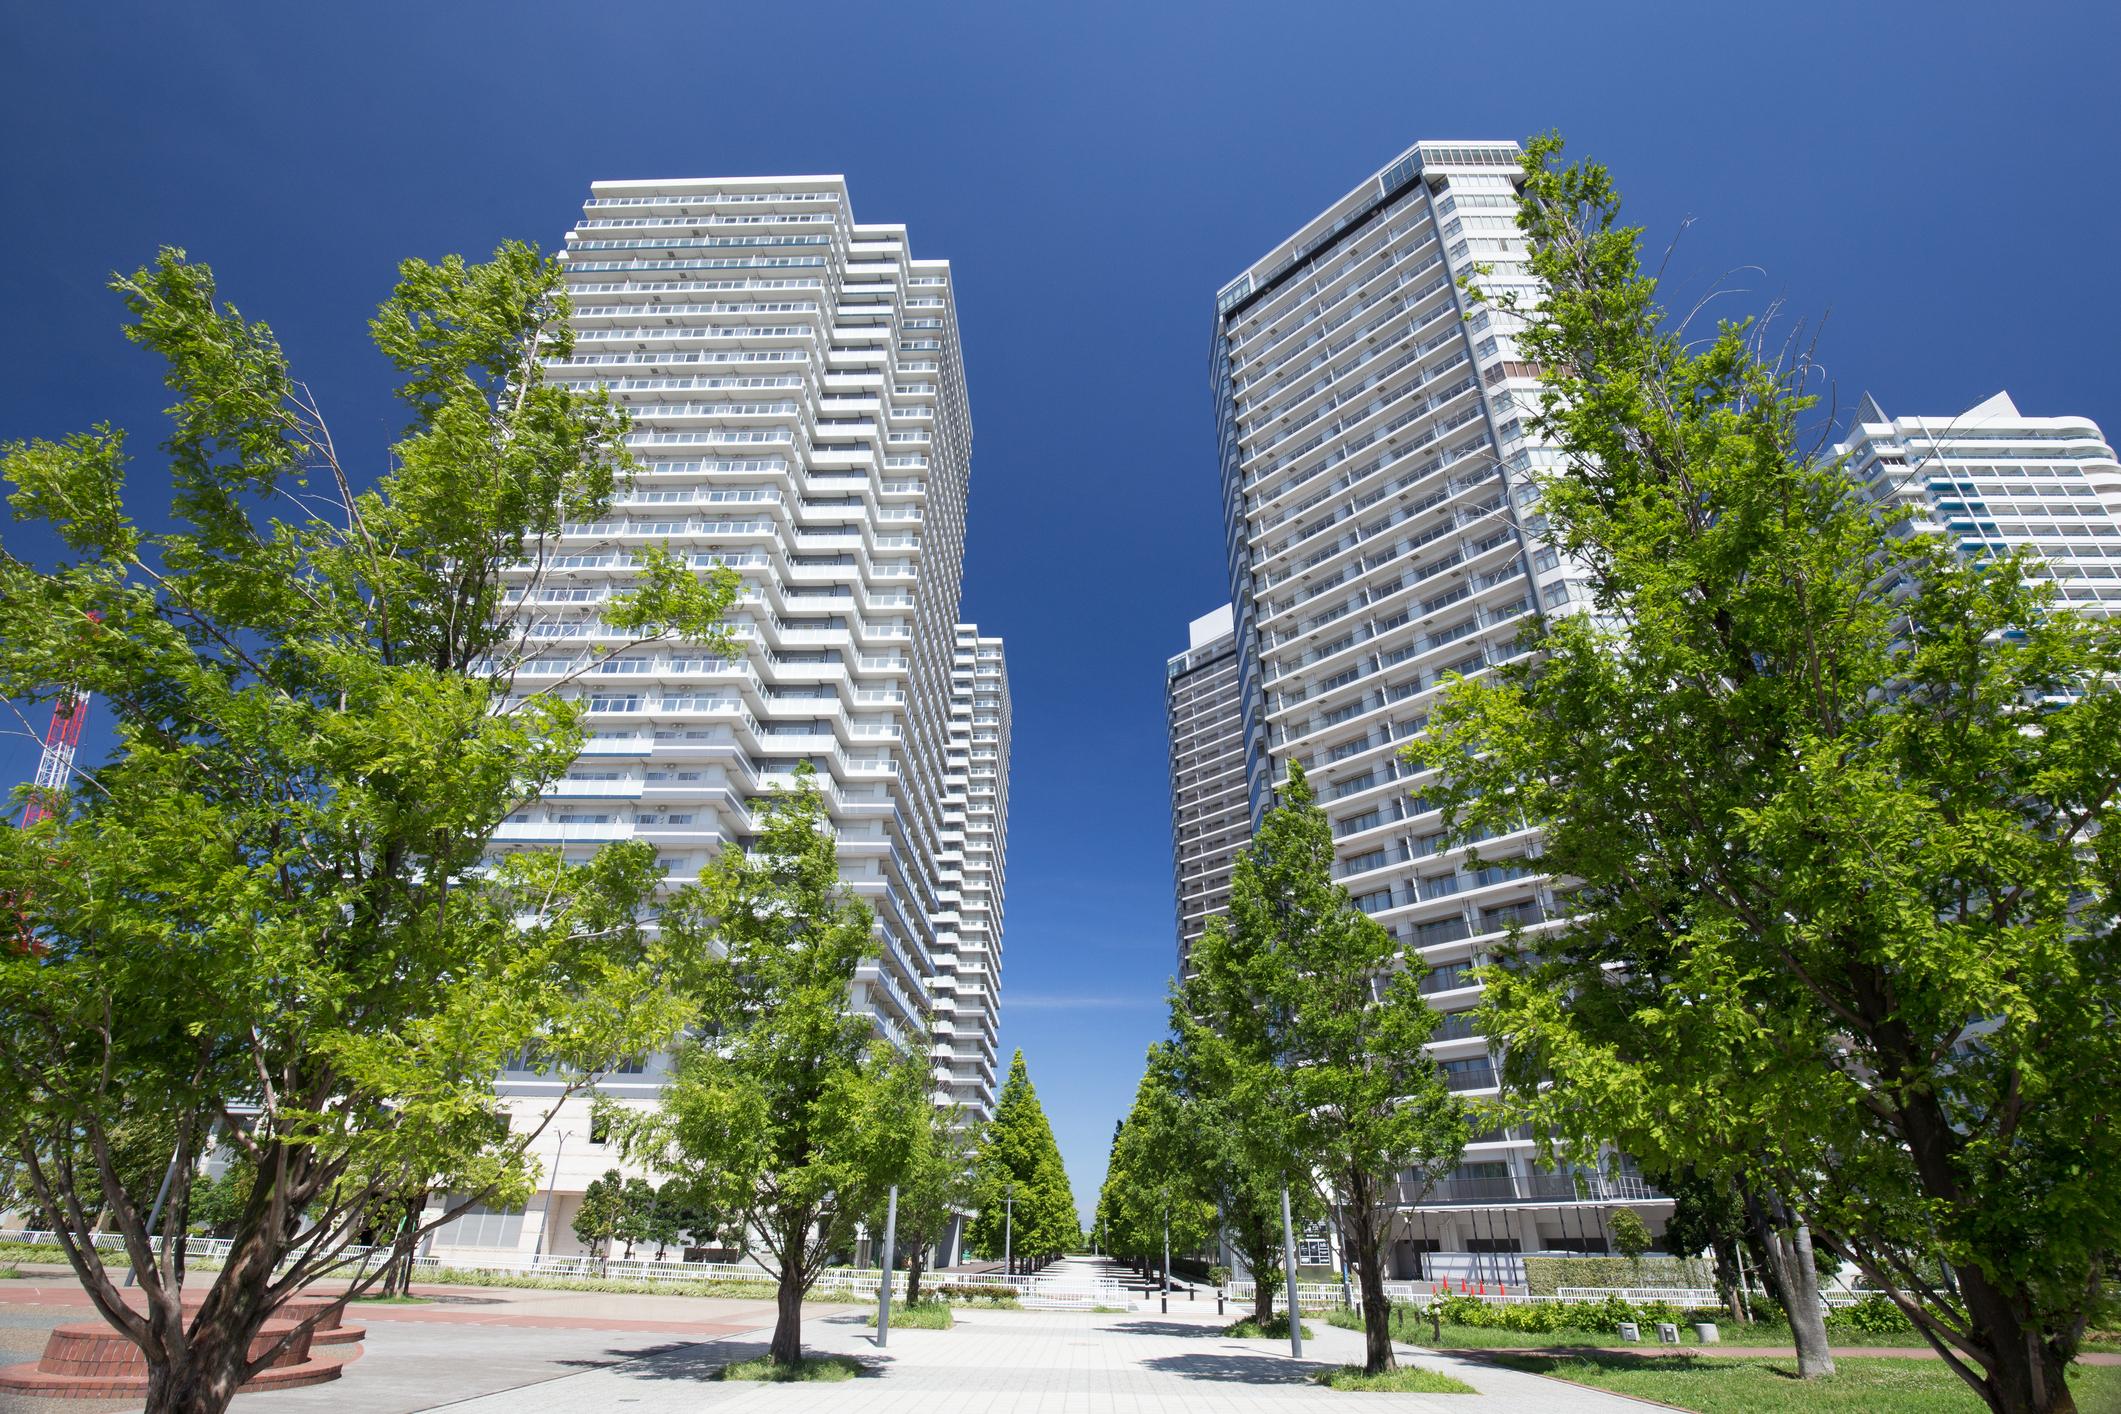 High rise urban apartment buildings.